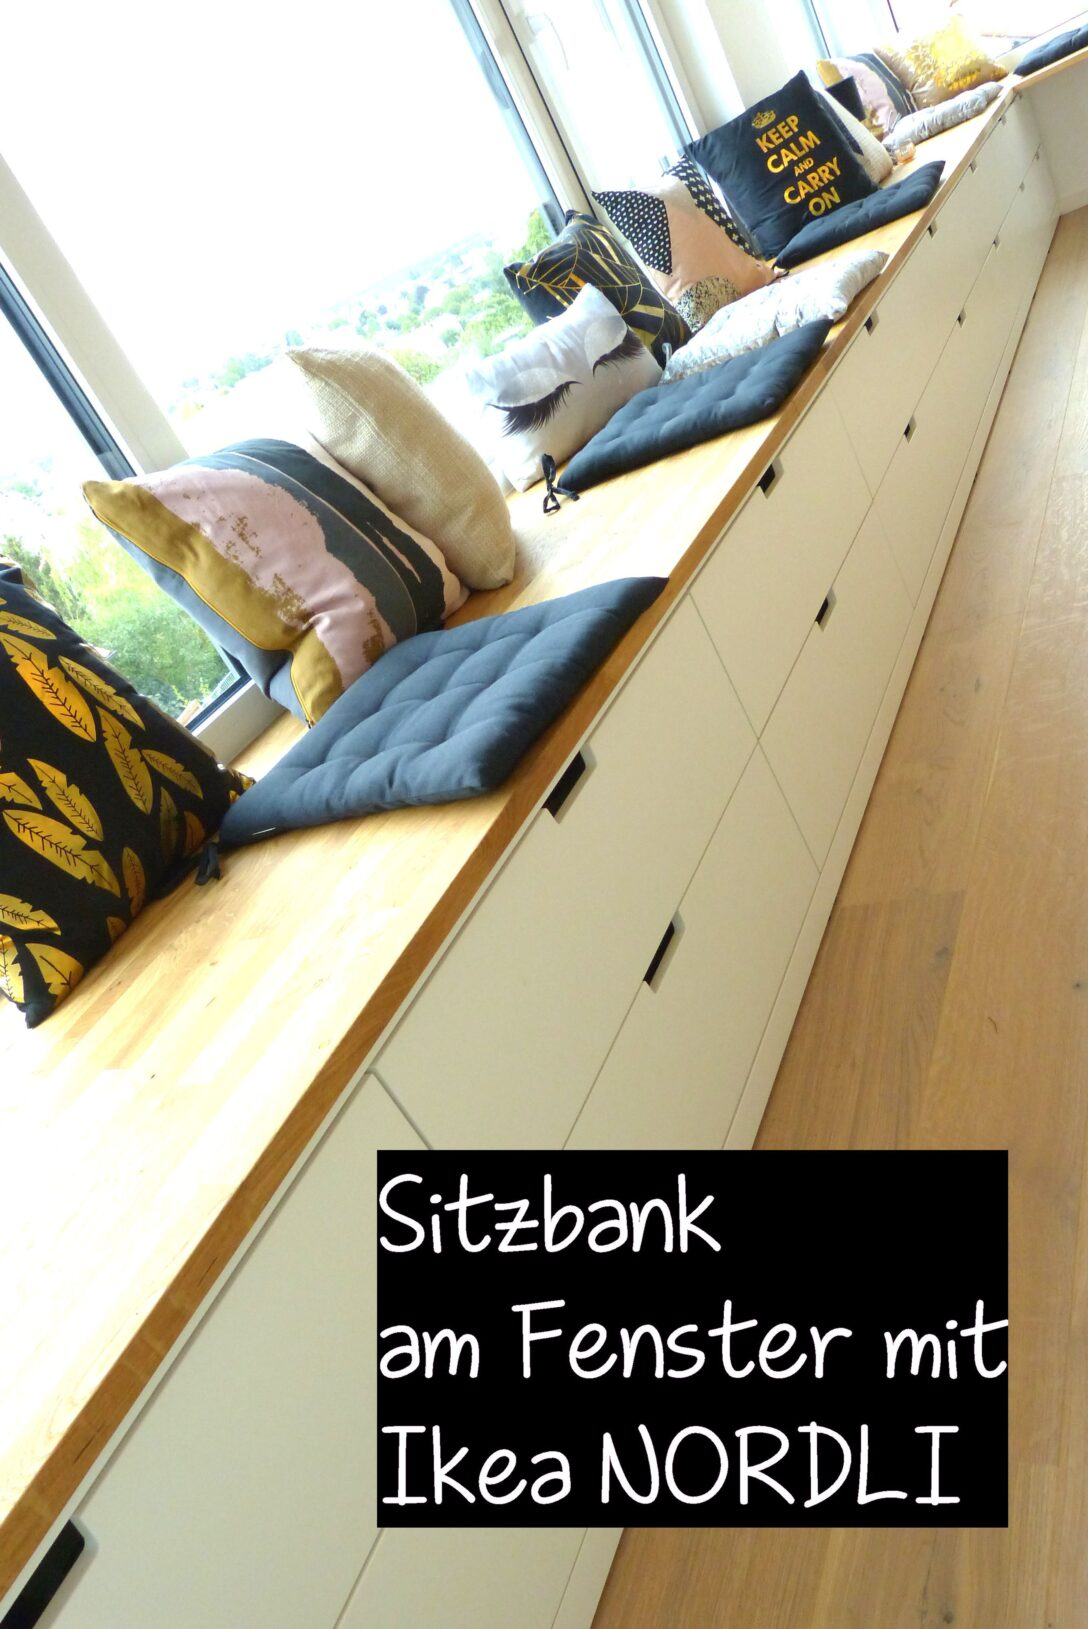 Large Size of Ikea Hack Sitzbank Esszimmer Küche Mit Lehne Modulküche Bett Kosten Sofa Schlaffunktion Betten 160x200 Miniküche Schlafzimmer Kaufen Für Bei Bad Garten Wohnzimmer Ikea Hack Sitzbank Esszimmer